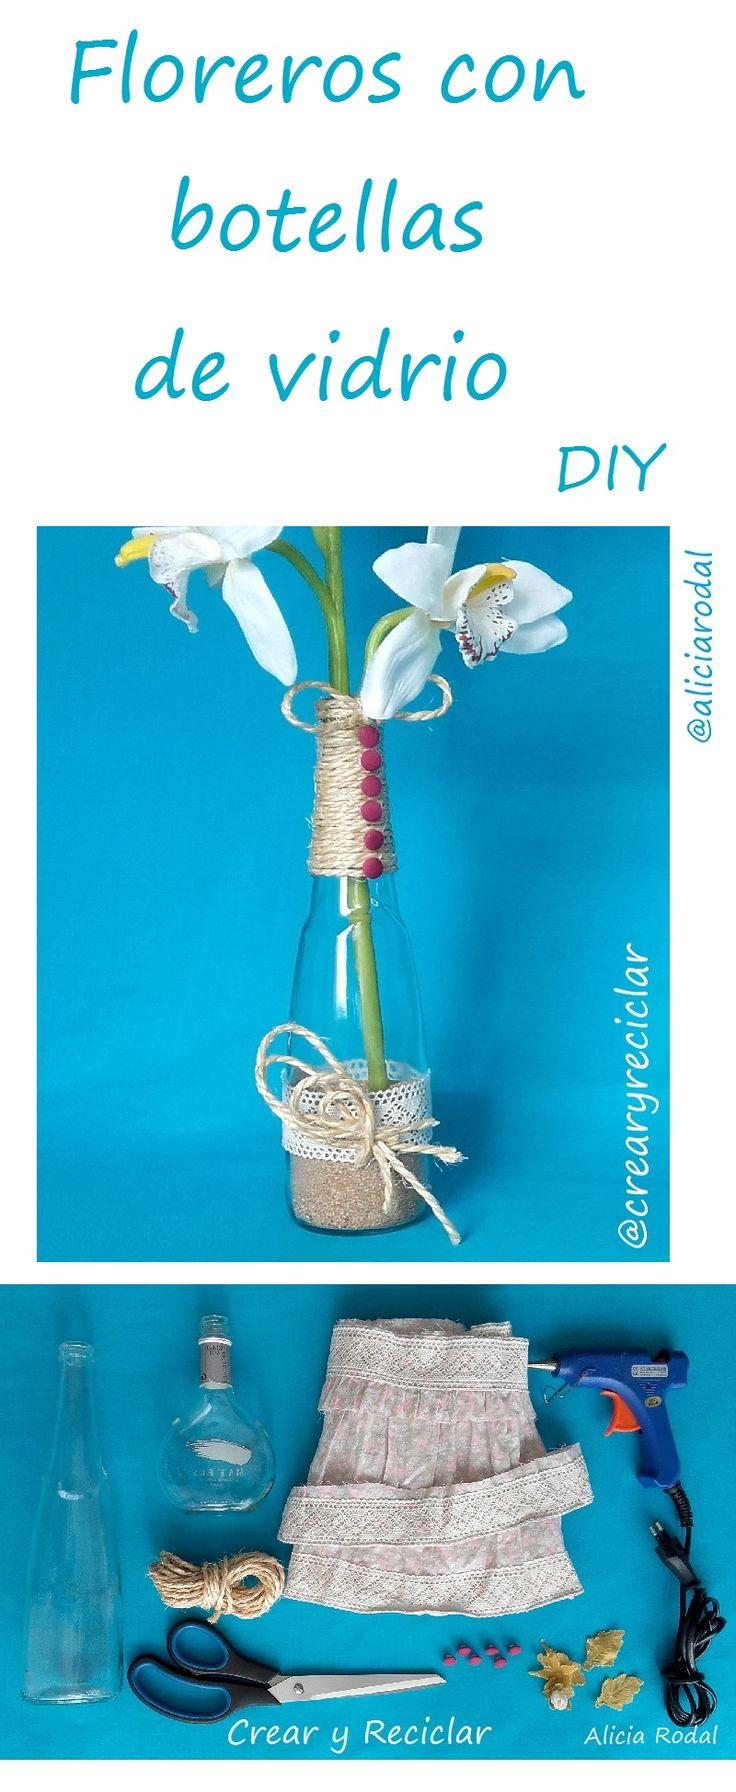 Botellas de vidrio… encaje… cuerda… flores secas… un poco arena… y listo!!!  Ya tienes unos lindos floreros para decorar tu hogar  Recuerda suscribirte a mi Blog http://crearyreciclar.com/?p=2347 #crearyreciclar #blog #youtube #diy